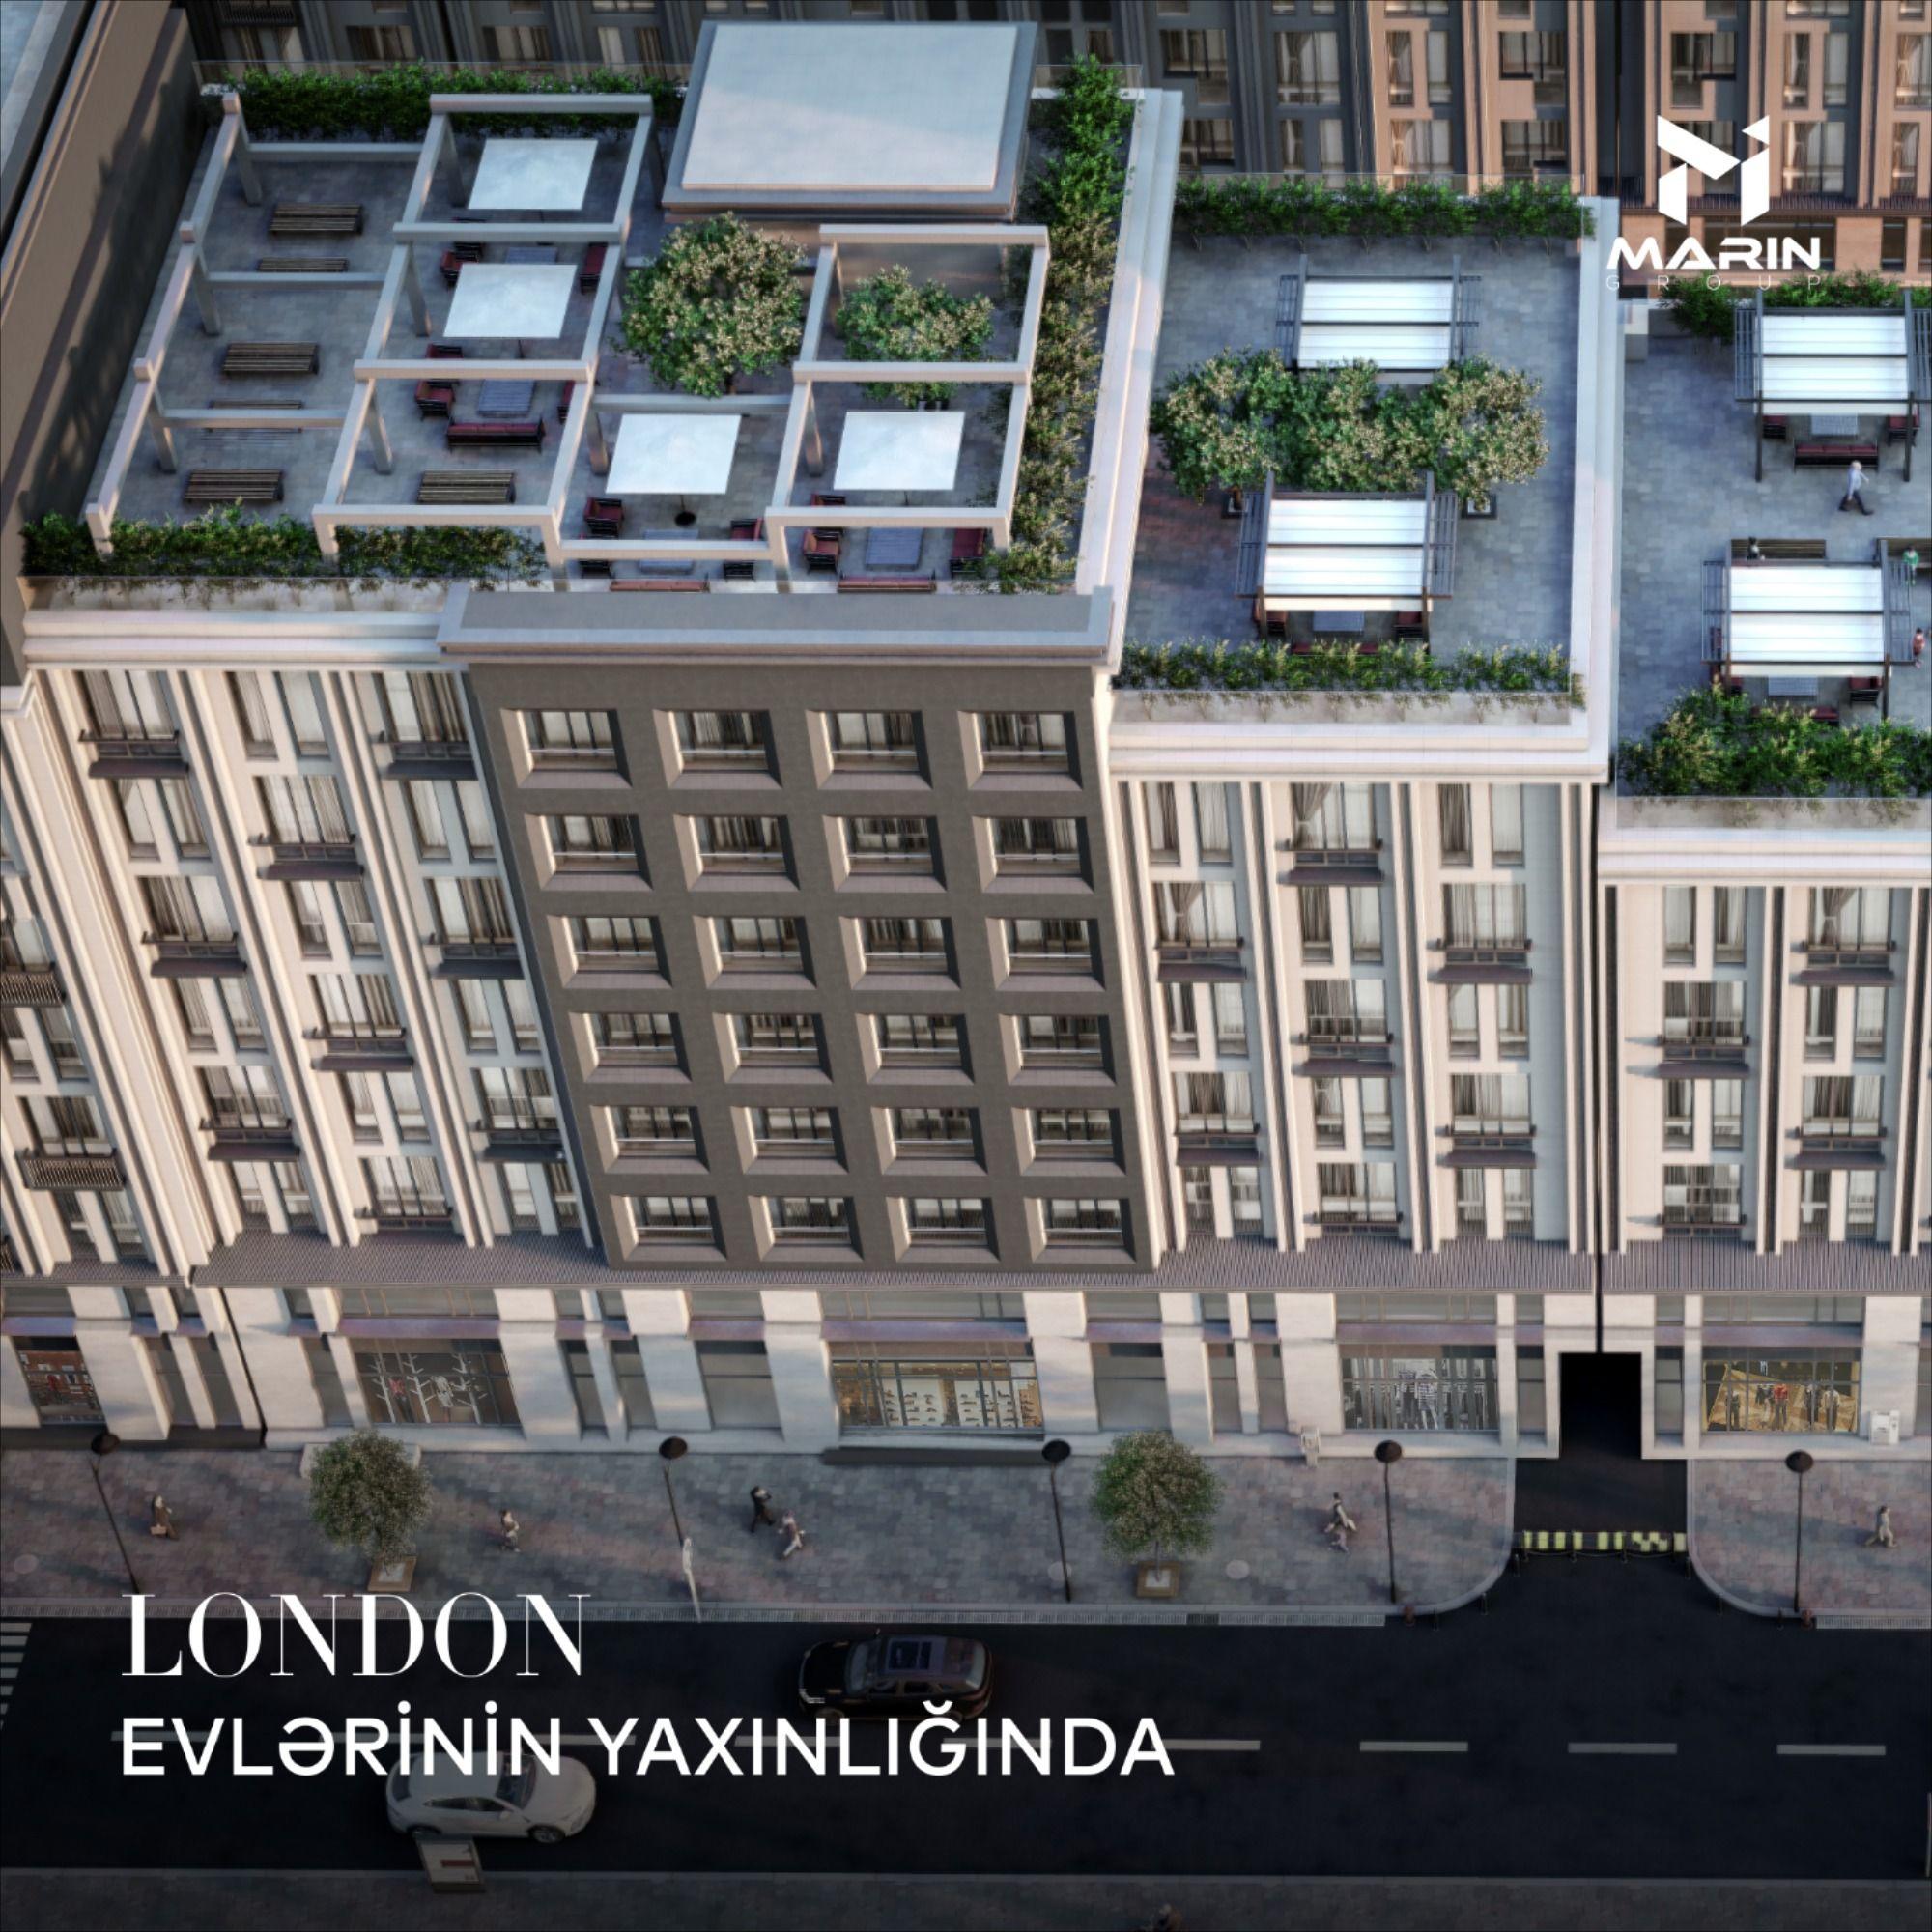 London Evlərinin Yaxinliginda In 2021 London Building Structures